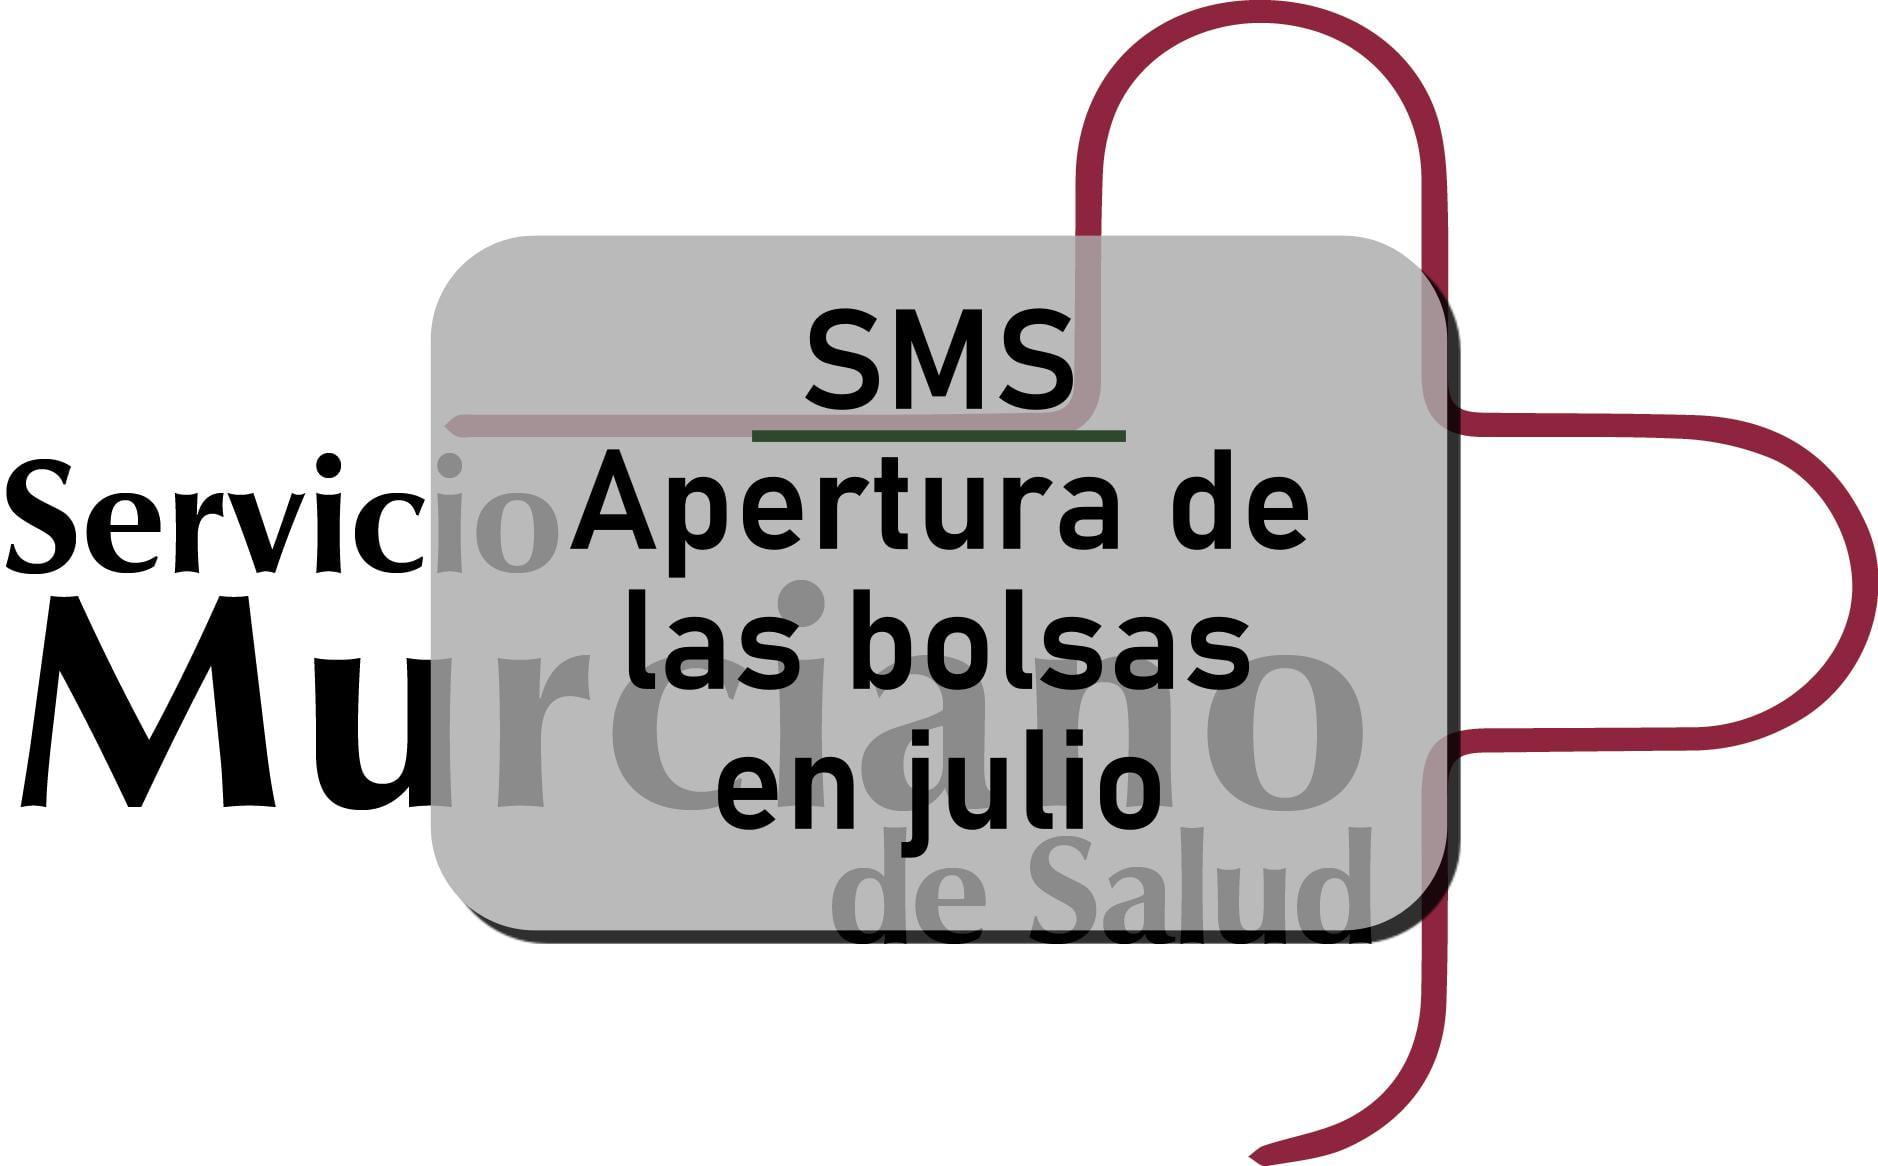 SMS bolsas